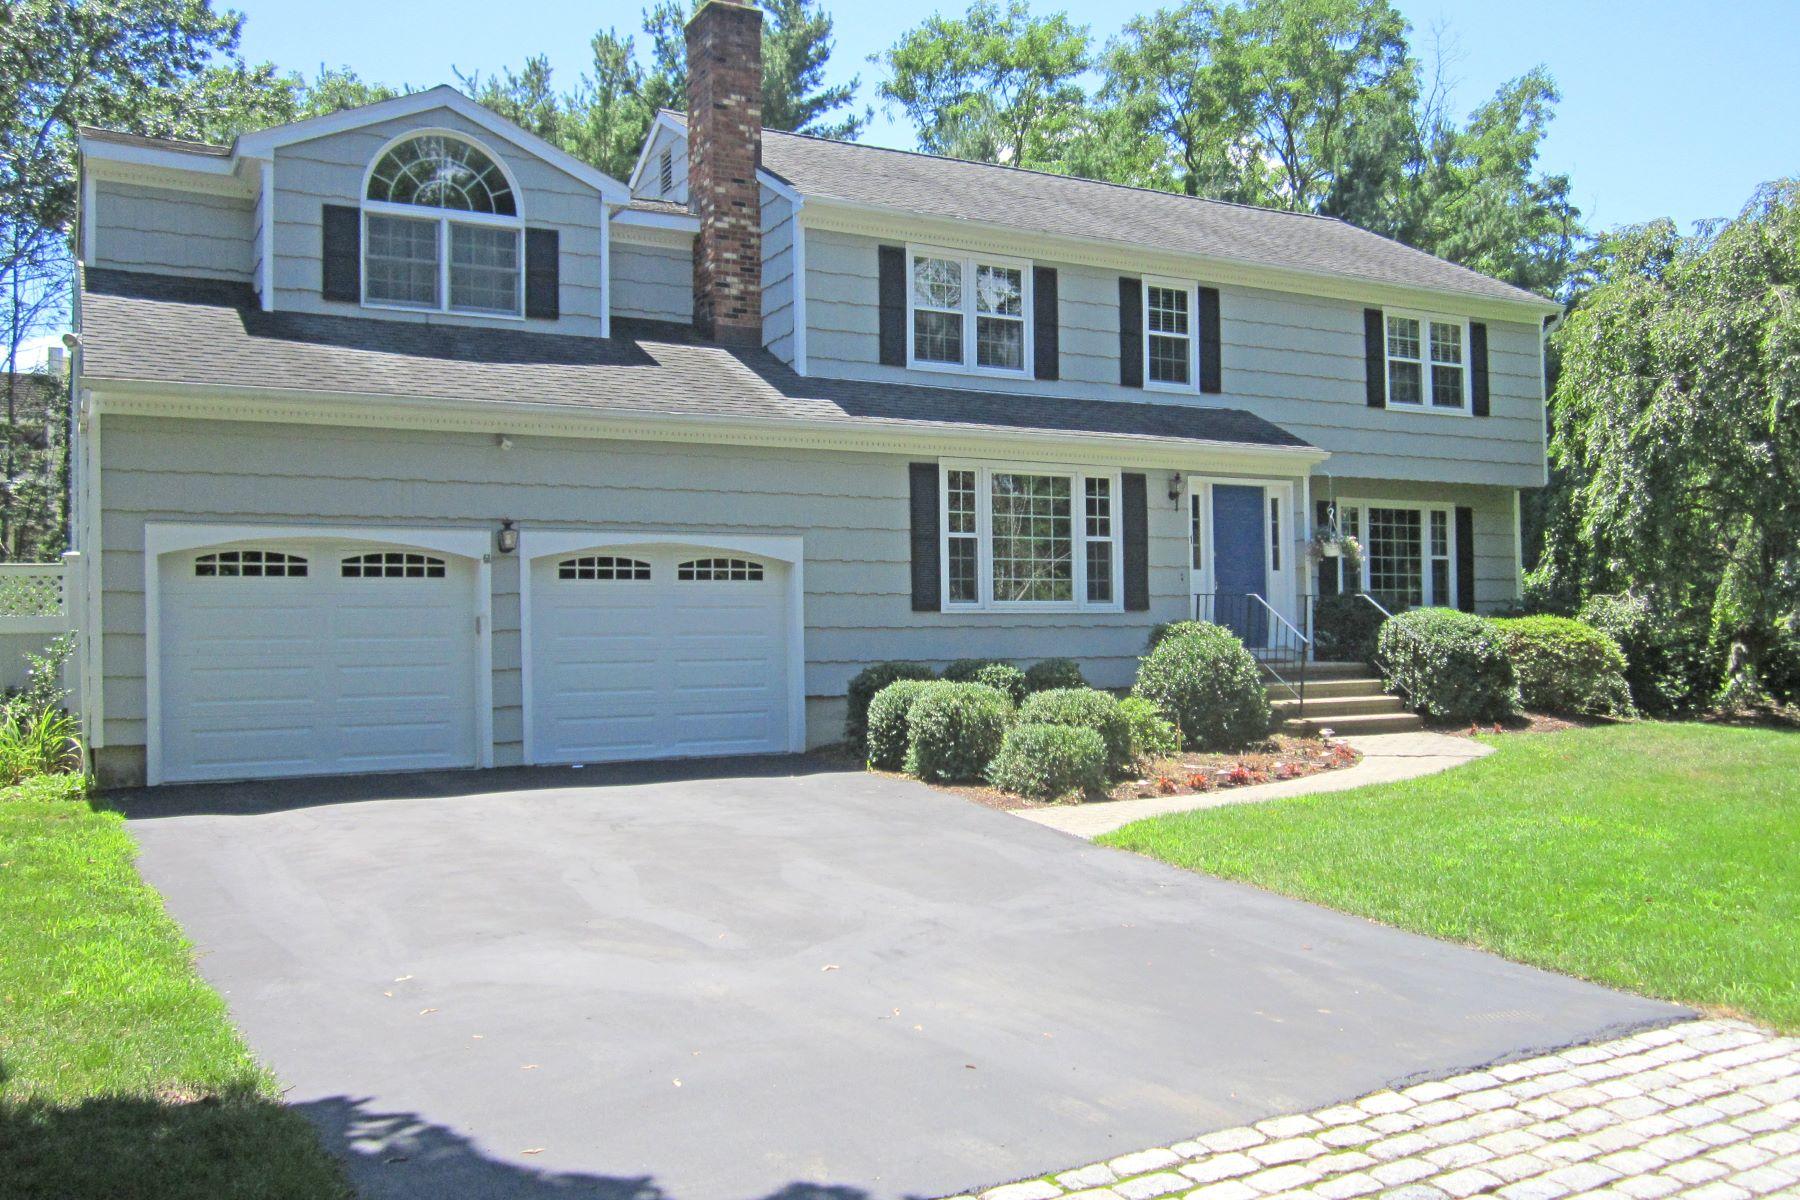 Nhà ở một gia đình vì Bán tại Classic New England Colonial 1 Donald Drive Westport, Connecticut, 06880 Hoa Kỳ